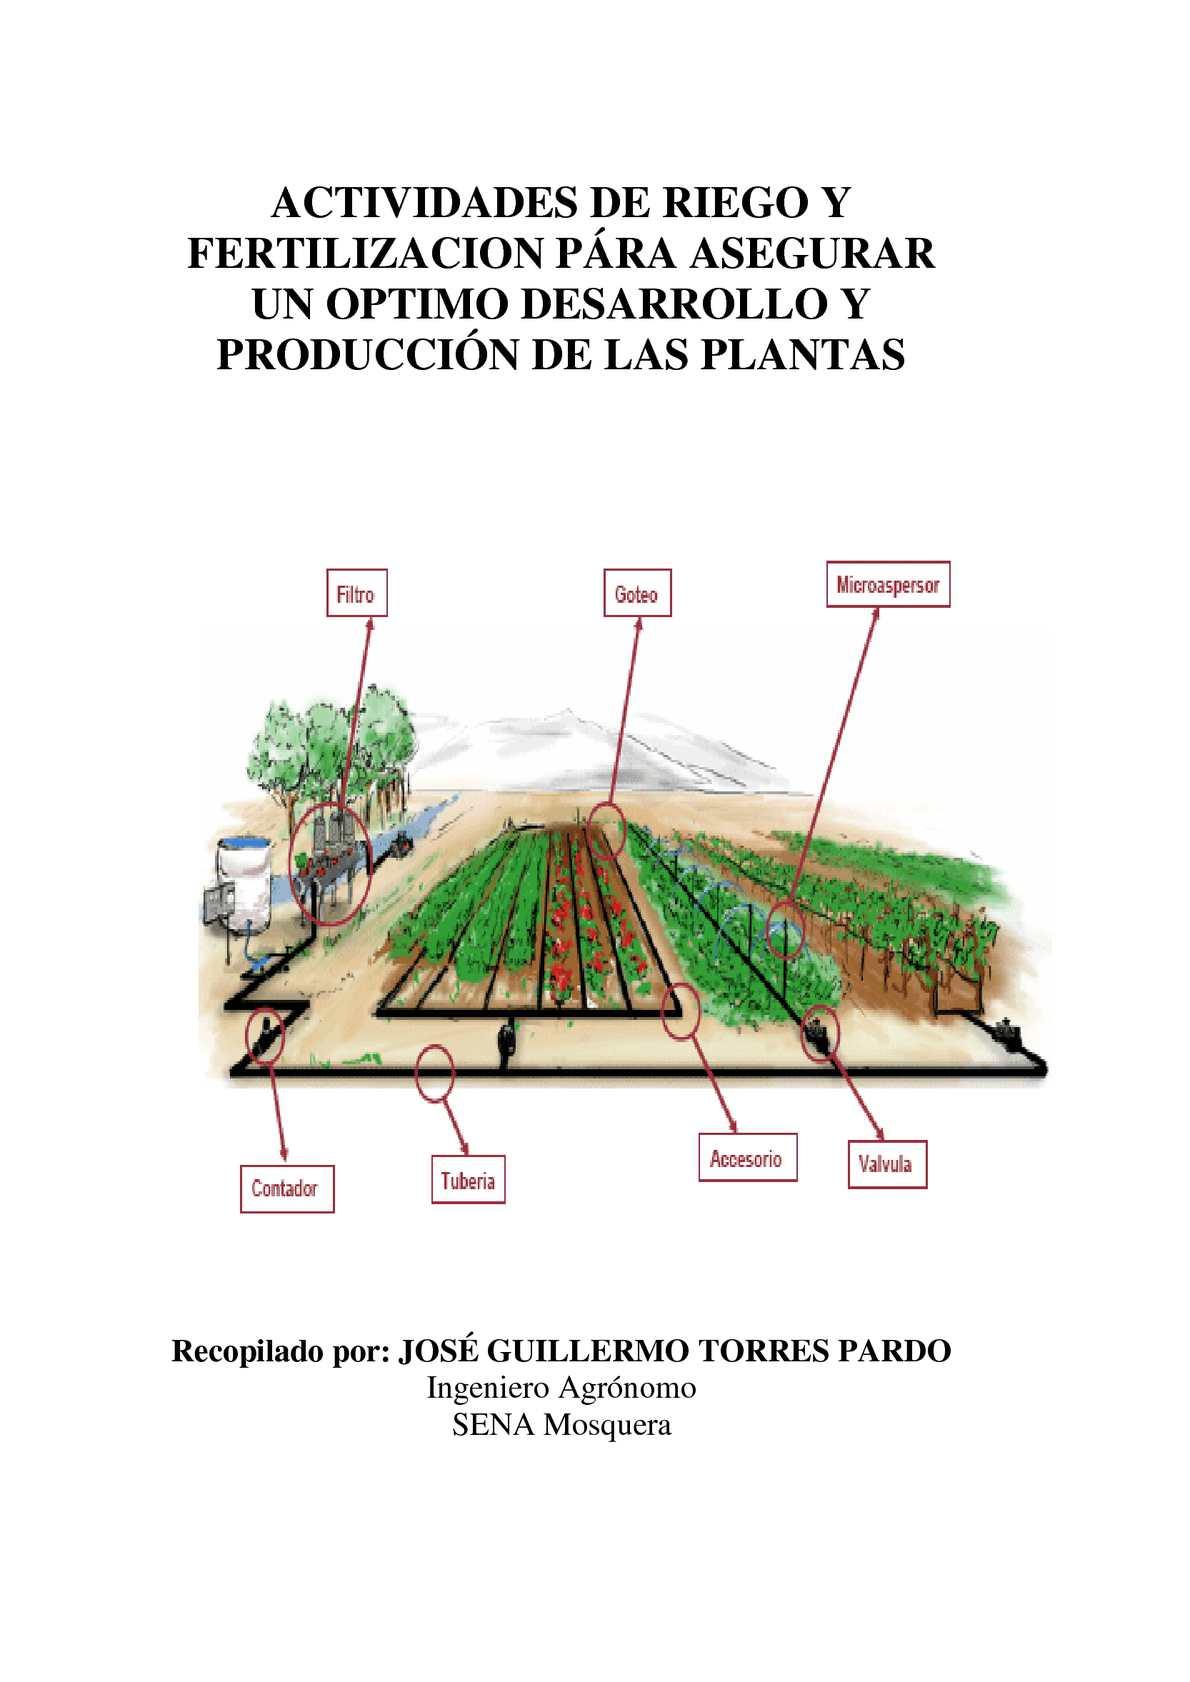 Calam o joguitopar riego y fertilizacion for Aspersores para riego de jardin